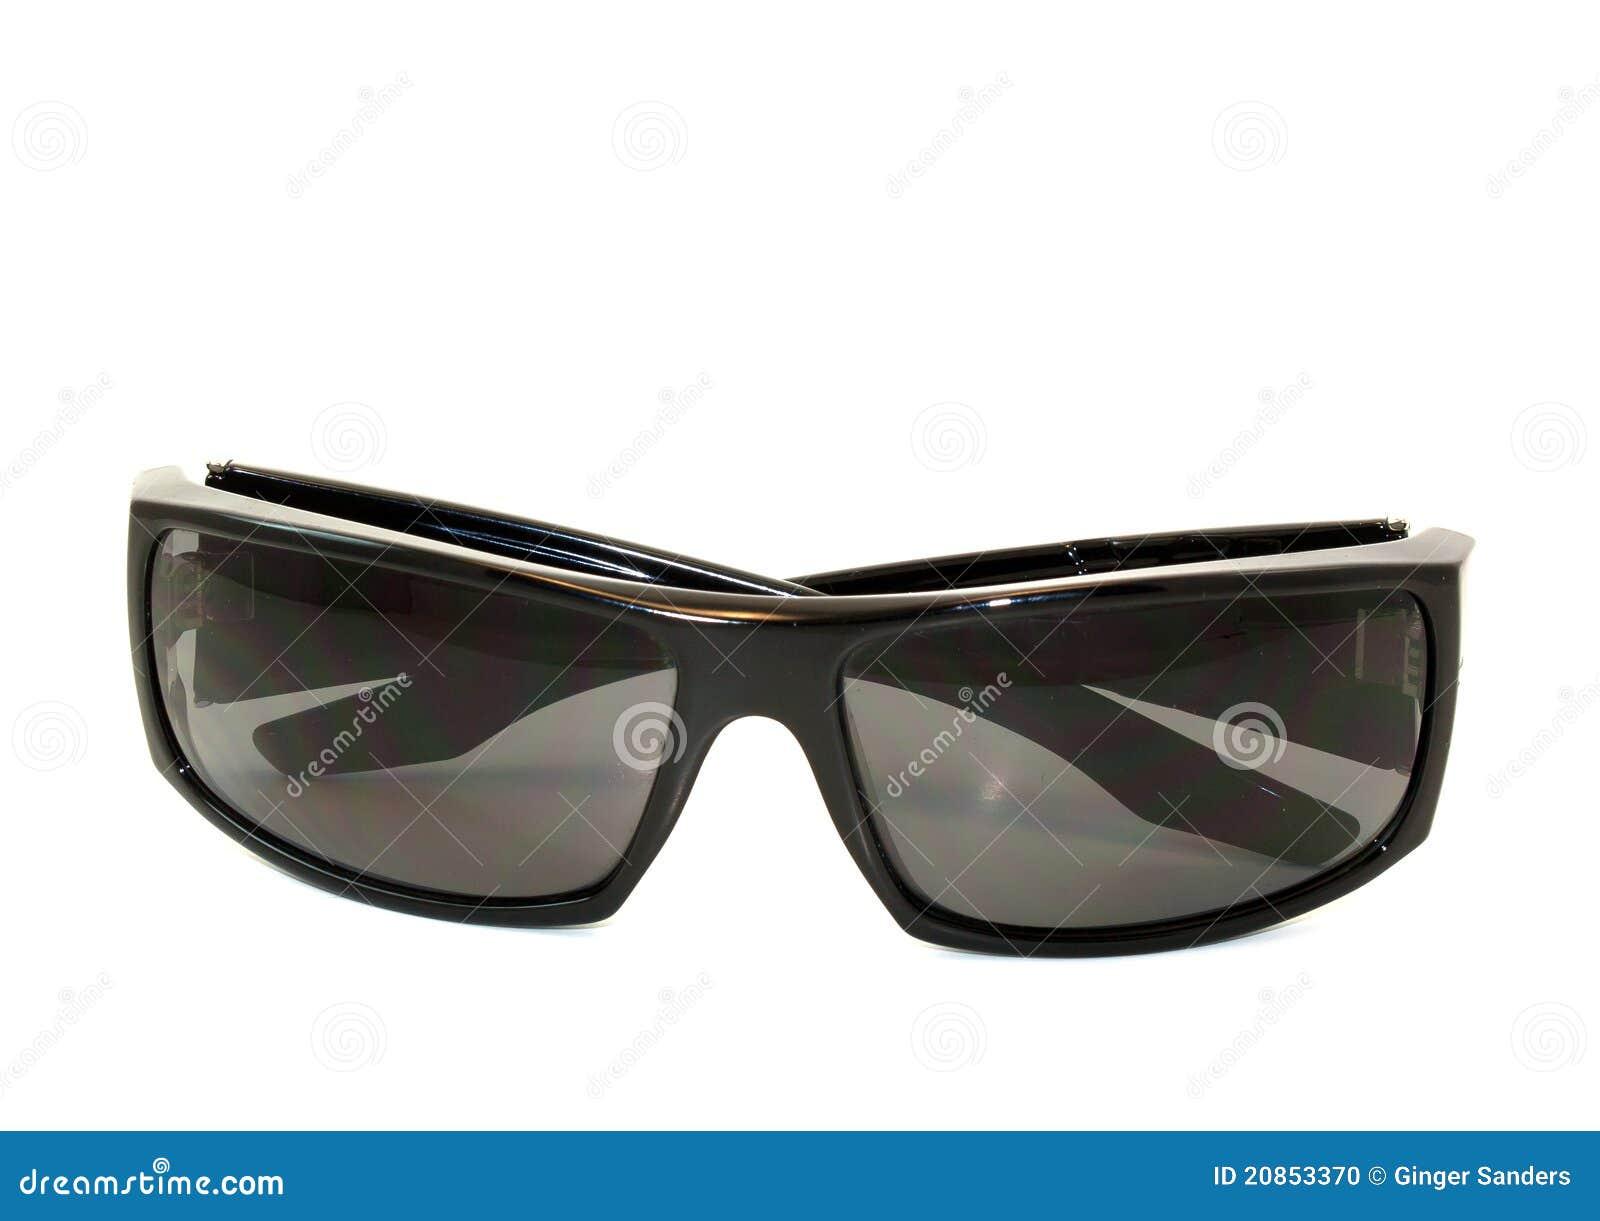 Folded Men's Sunglasses On White Background